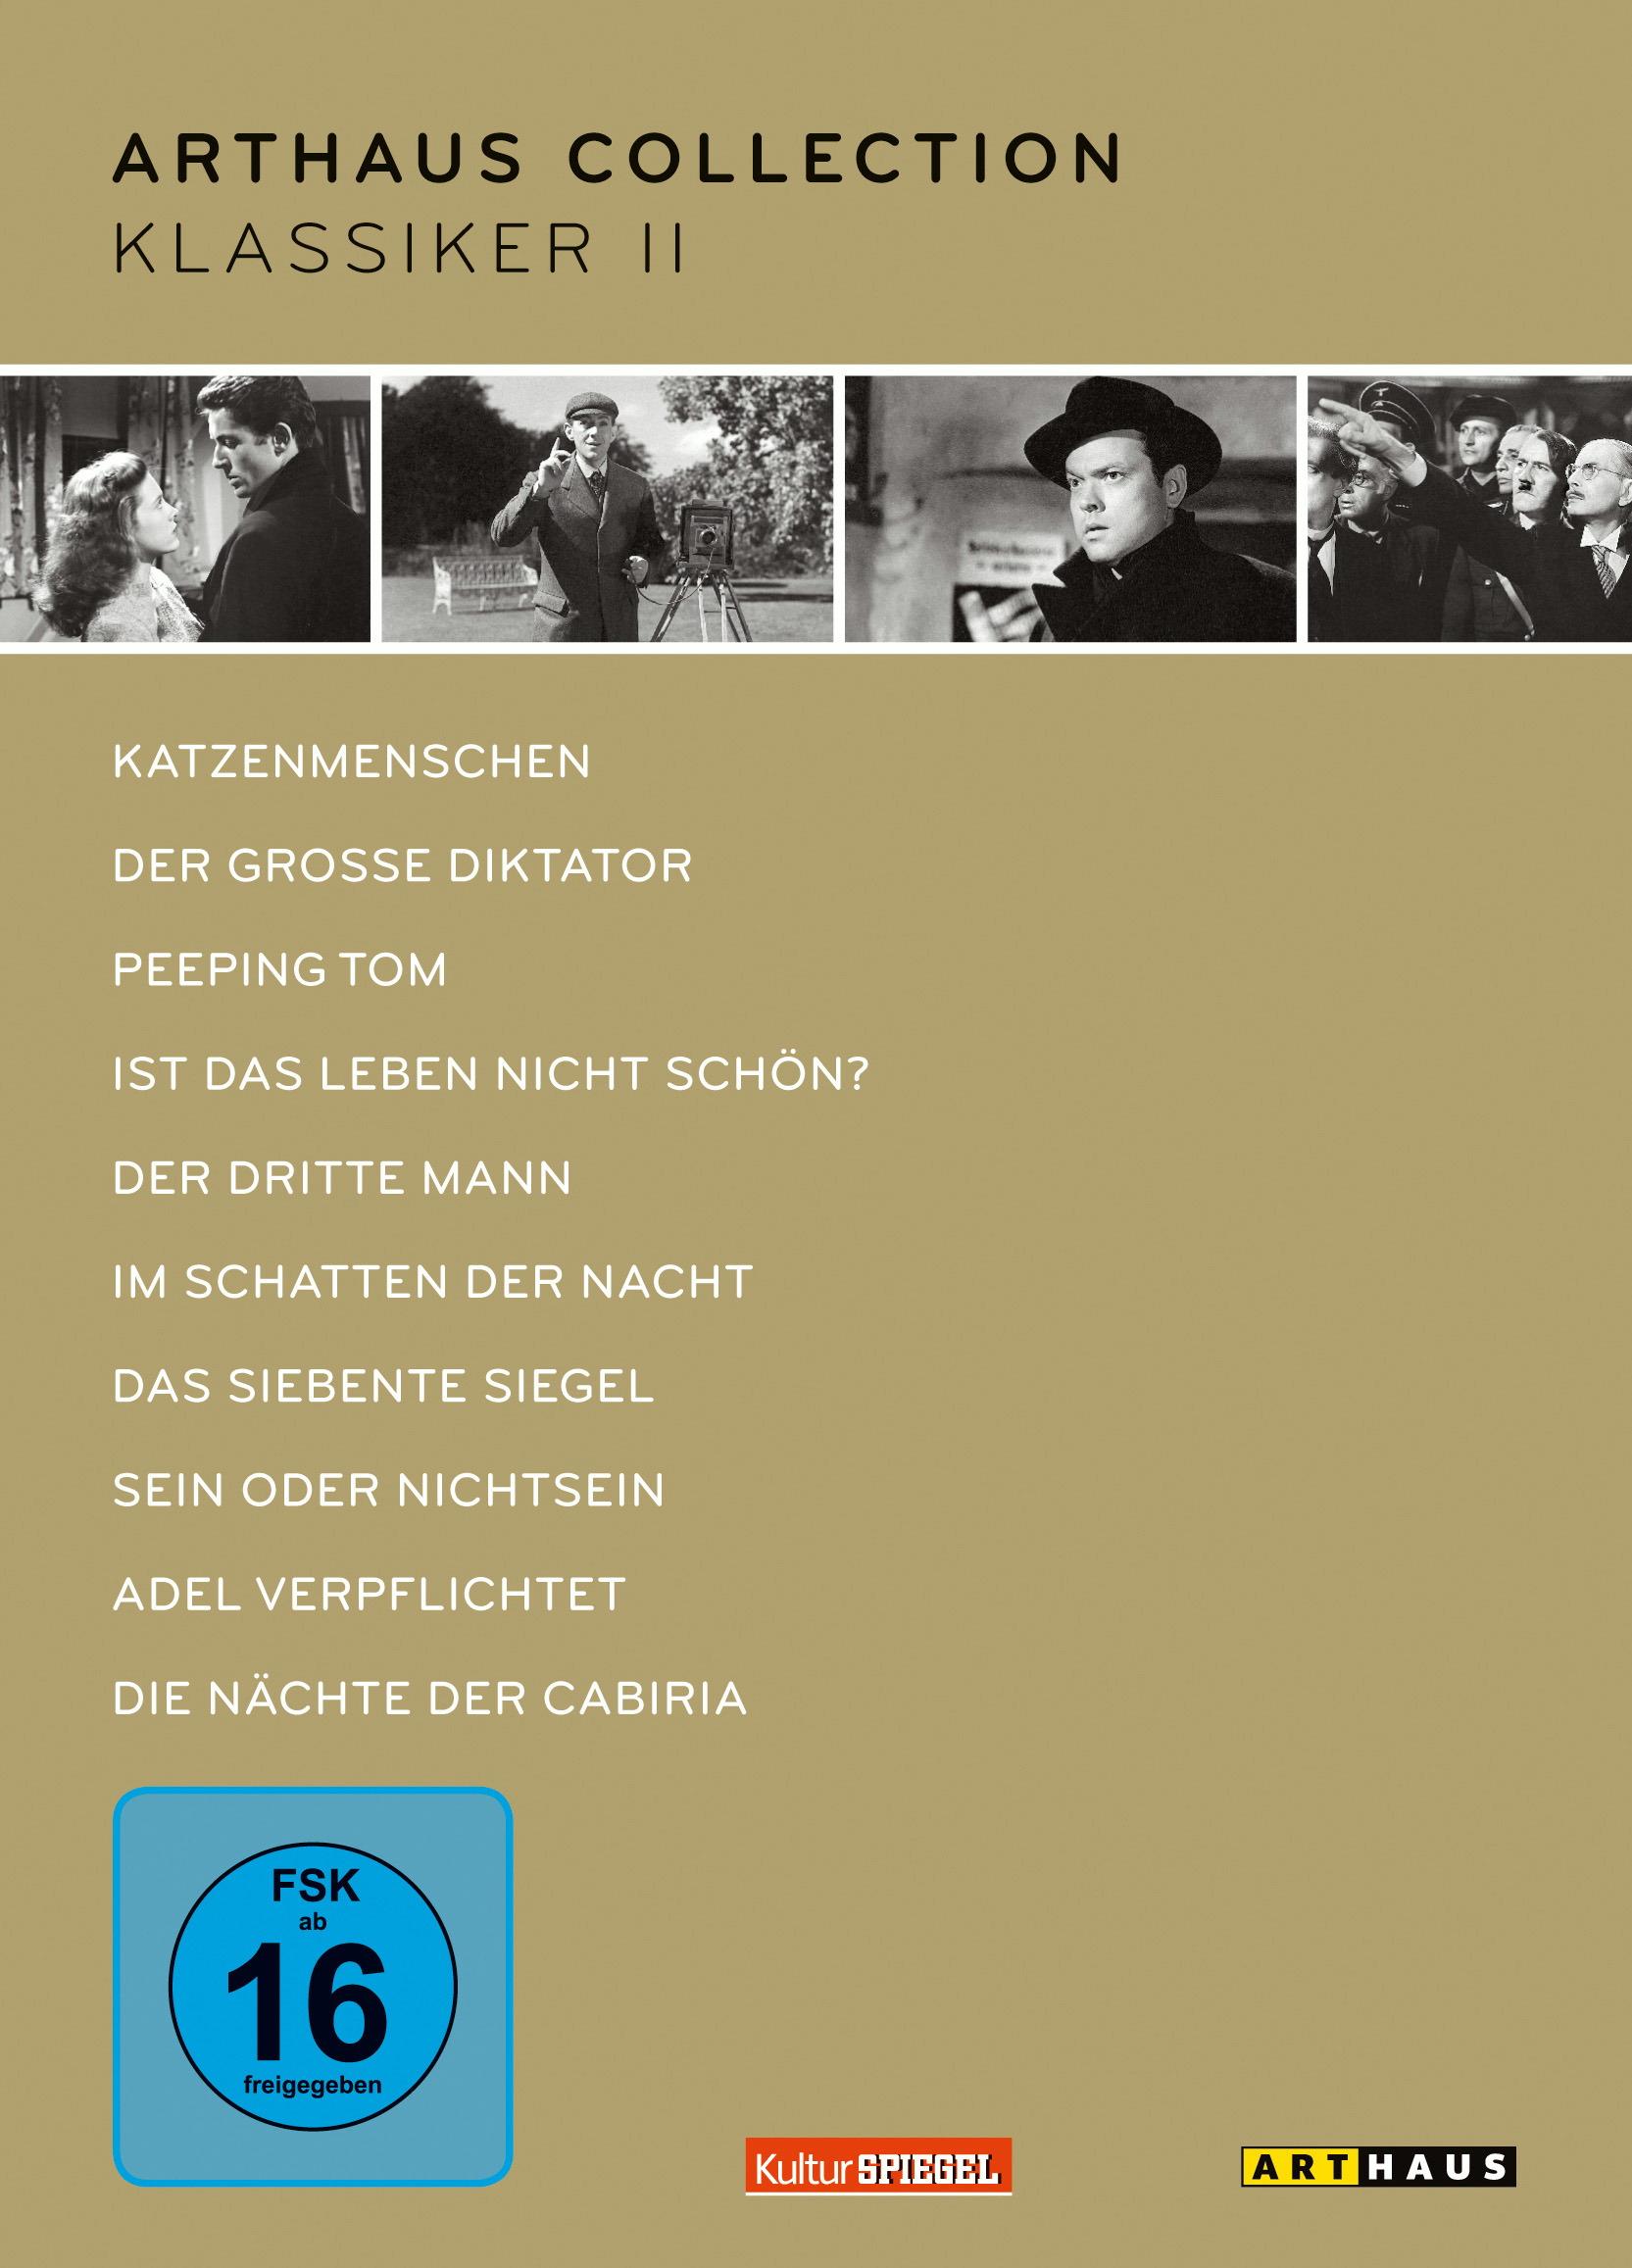 Arthaus Collection - Klassiker II (10 Discs) Poster